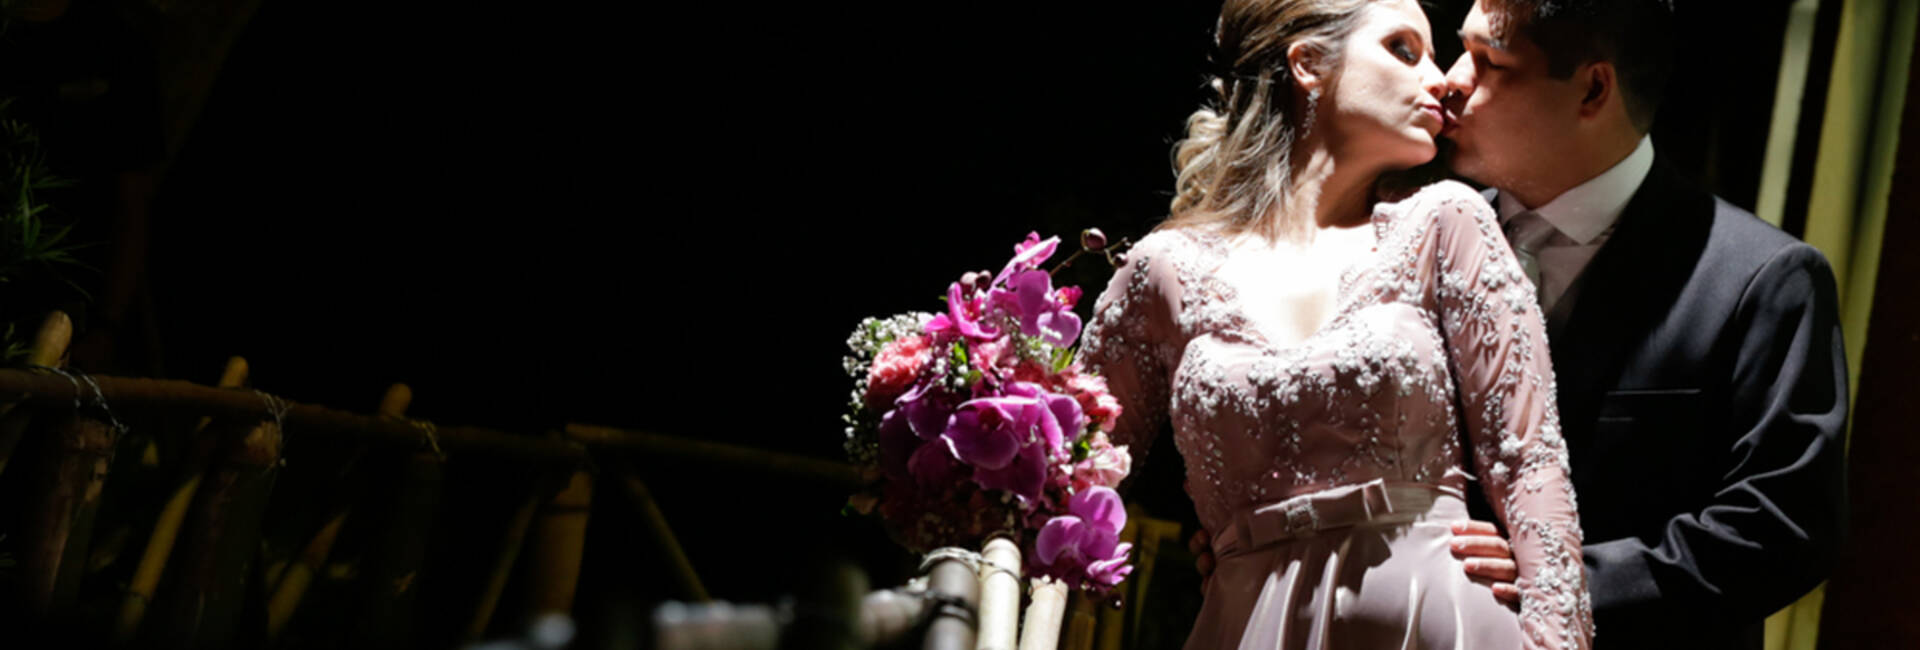 Casamentos de Danielle & Renato